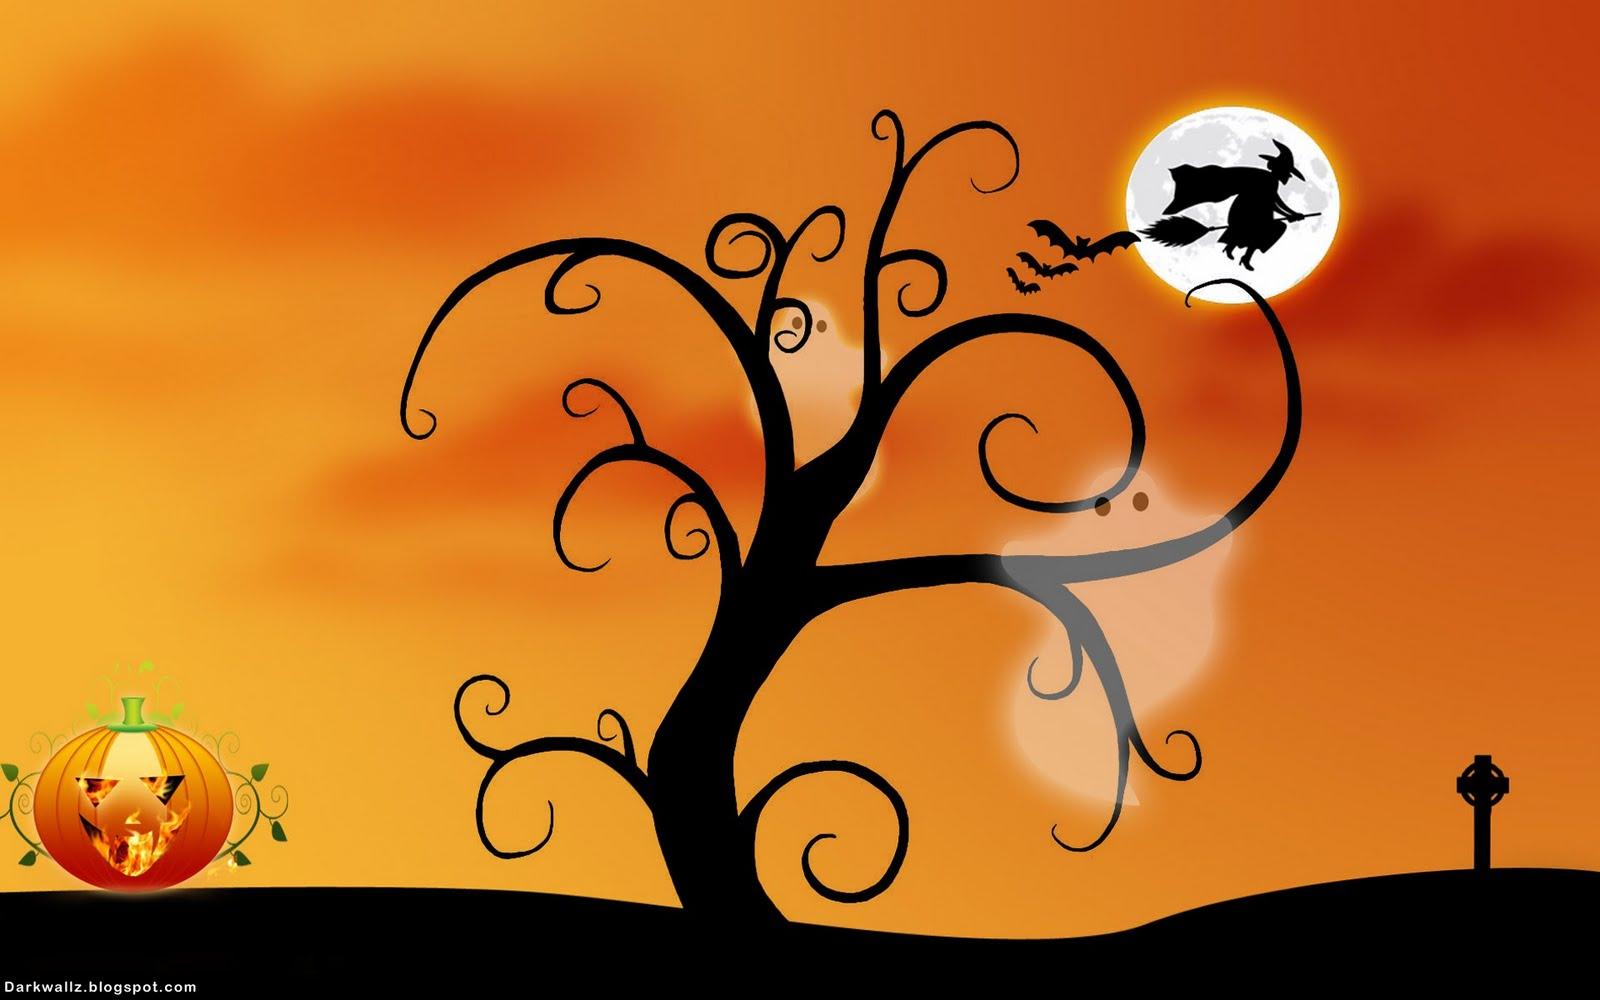 Halloween Wallpapers 17   Dark Wallpaper Download